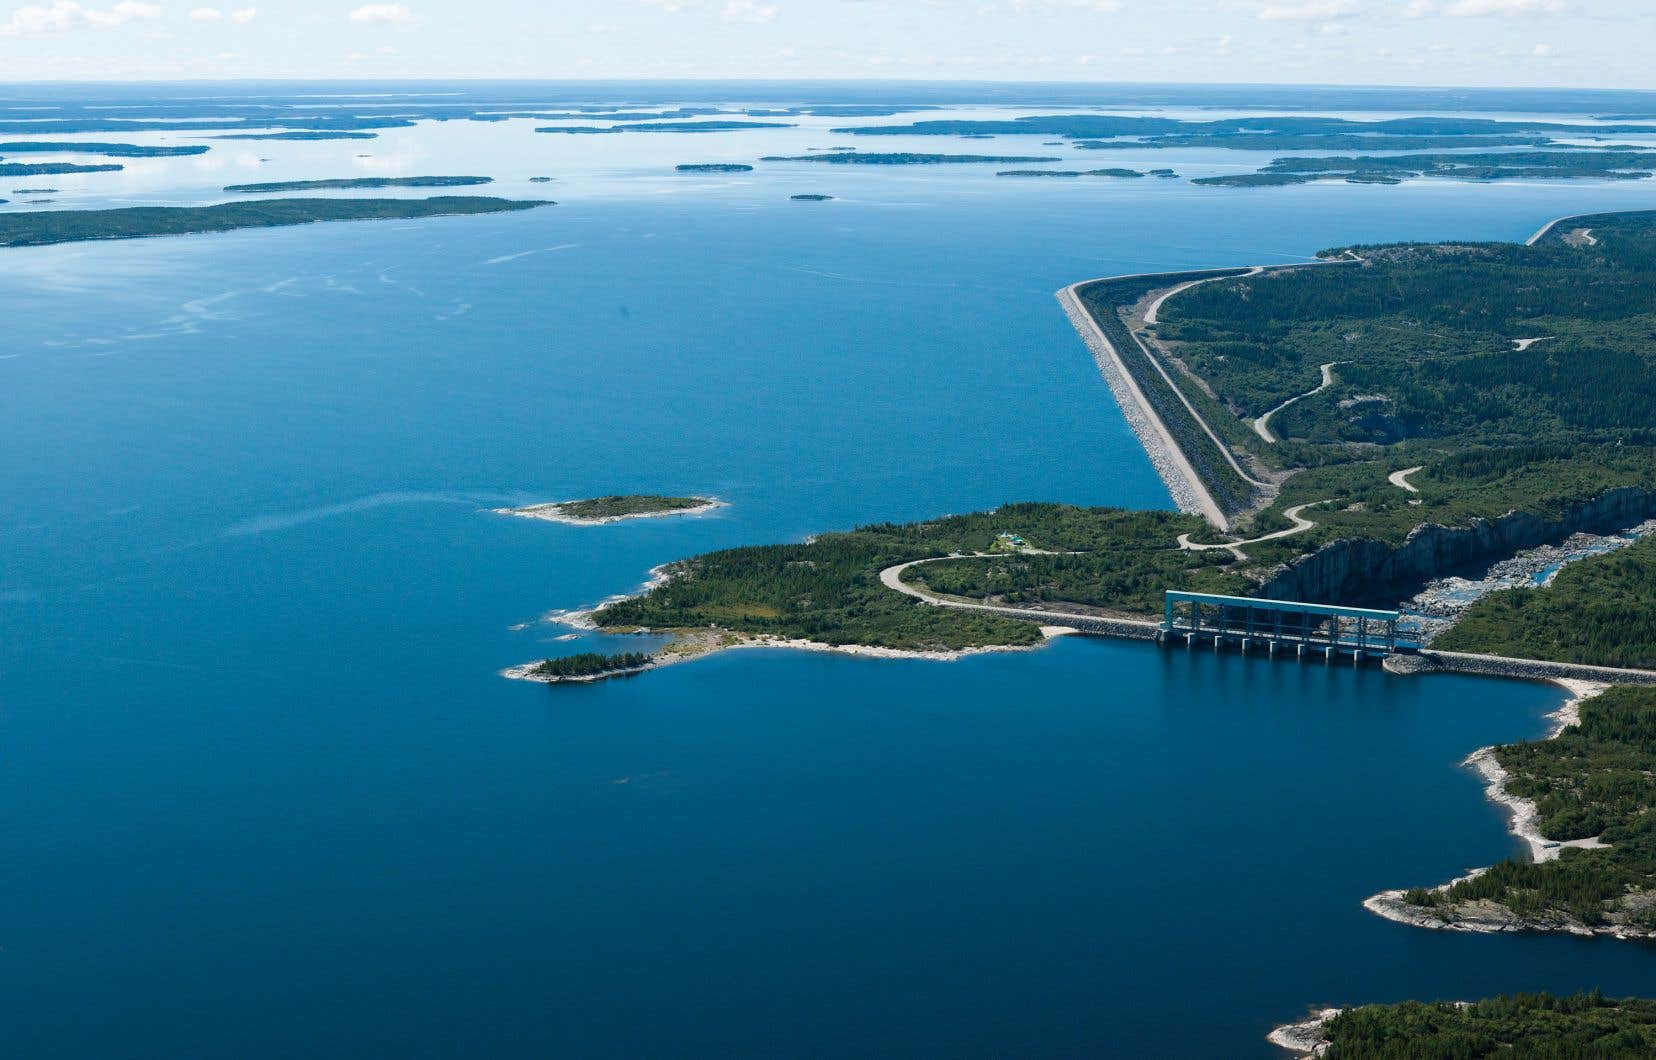 La centrale Robert-Bourassa (LG2) produit normalement 42600 GWh par an. Pour pallier les variations du rendement de ses installations, Hydro-Québec entretient des comptes d'écart. C'est de là que proviendra l'argent remis aux clients pour compenser les trop-perçus, a décidé Québec.